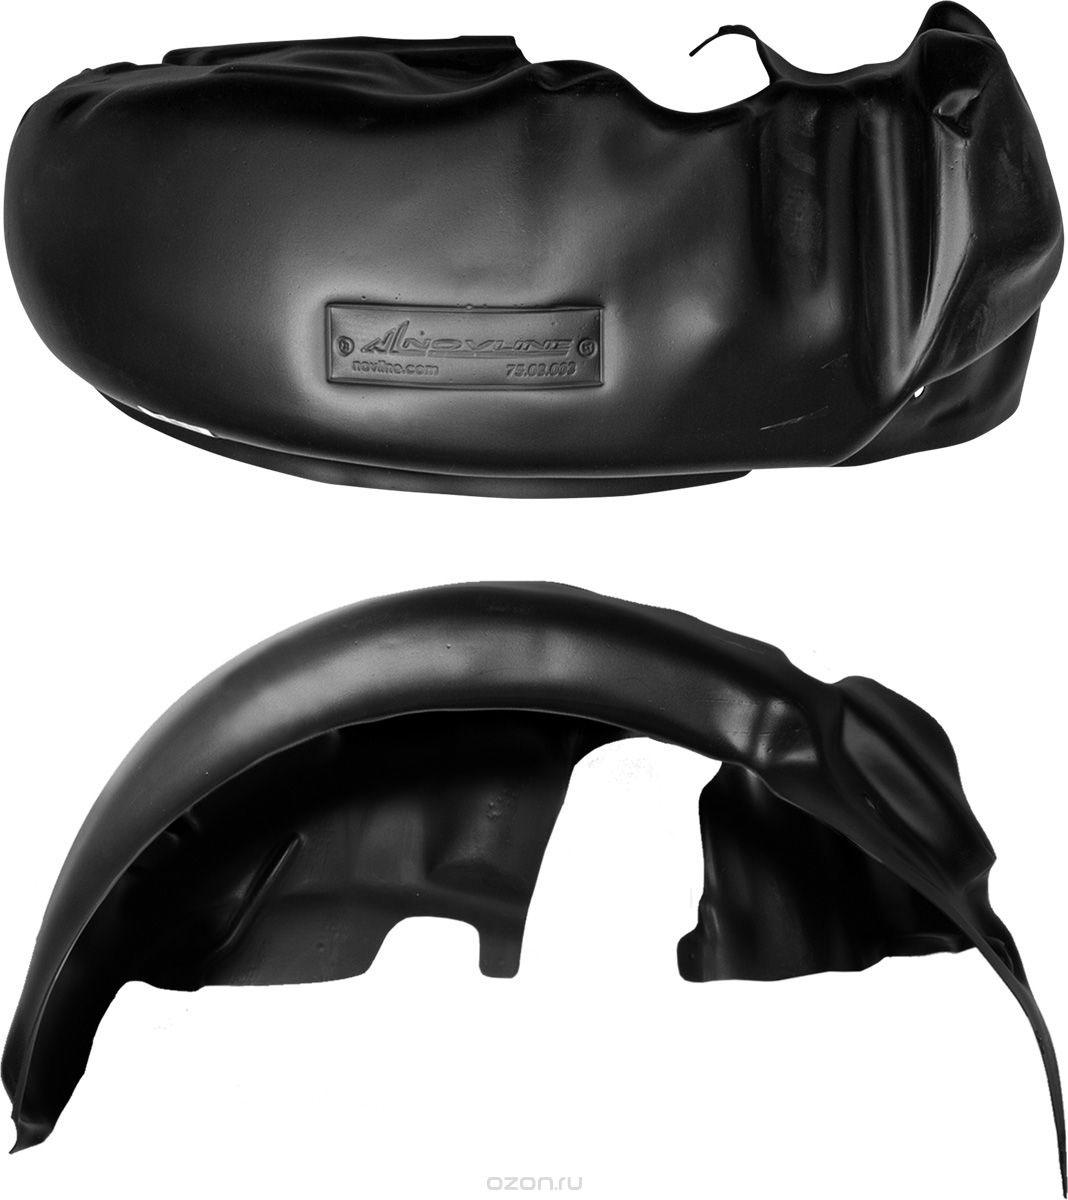 Подкрылок Novline-Autofamily, для LIFAN X60, 07/2016->, кроссовер, передний правыйNLL.73.10.002Идеальная защита колесной ниши. Локеры разработаны с применением цифровых технологий, гарантируют максимальную повторяемость поверхности арки. Изделия устанавливаются без нарушения лакокрасочного покрытия автомобиля, каждый подкрылок комплектуется крепежом. Уважаемые клиенты, обращаем ваше внимание, что фотографии на подкрылки универсальные и не отражают реальную форму изделия. При этом само изделие идет точно под размер указанного автомобиля.